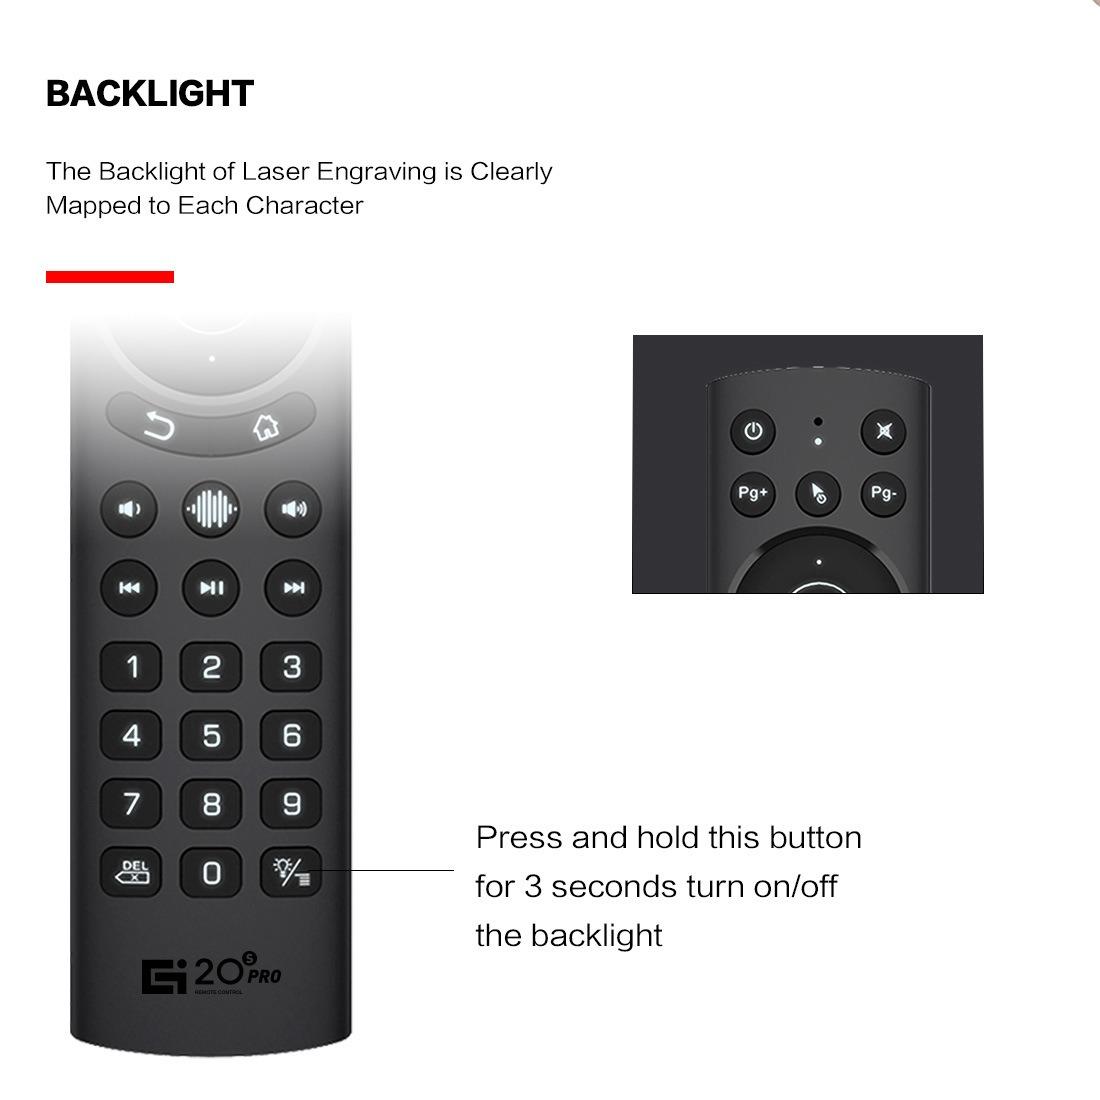 Chuột Bay g20s pro bản cao cấp mic voice có điều khiển giọng nói và chuột bay đèn nền